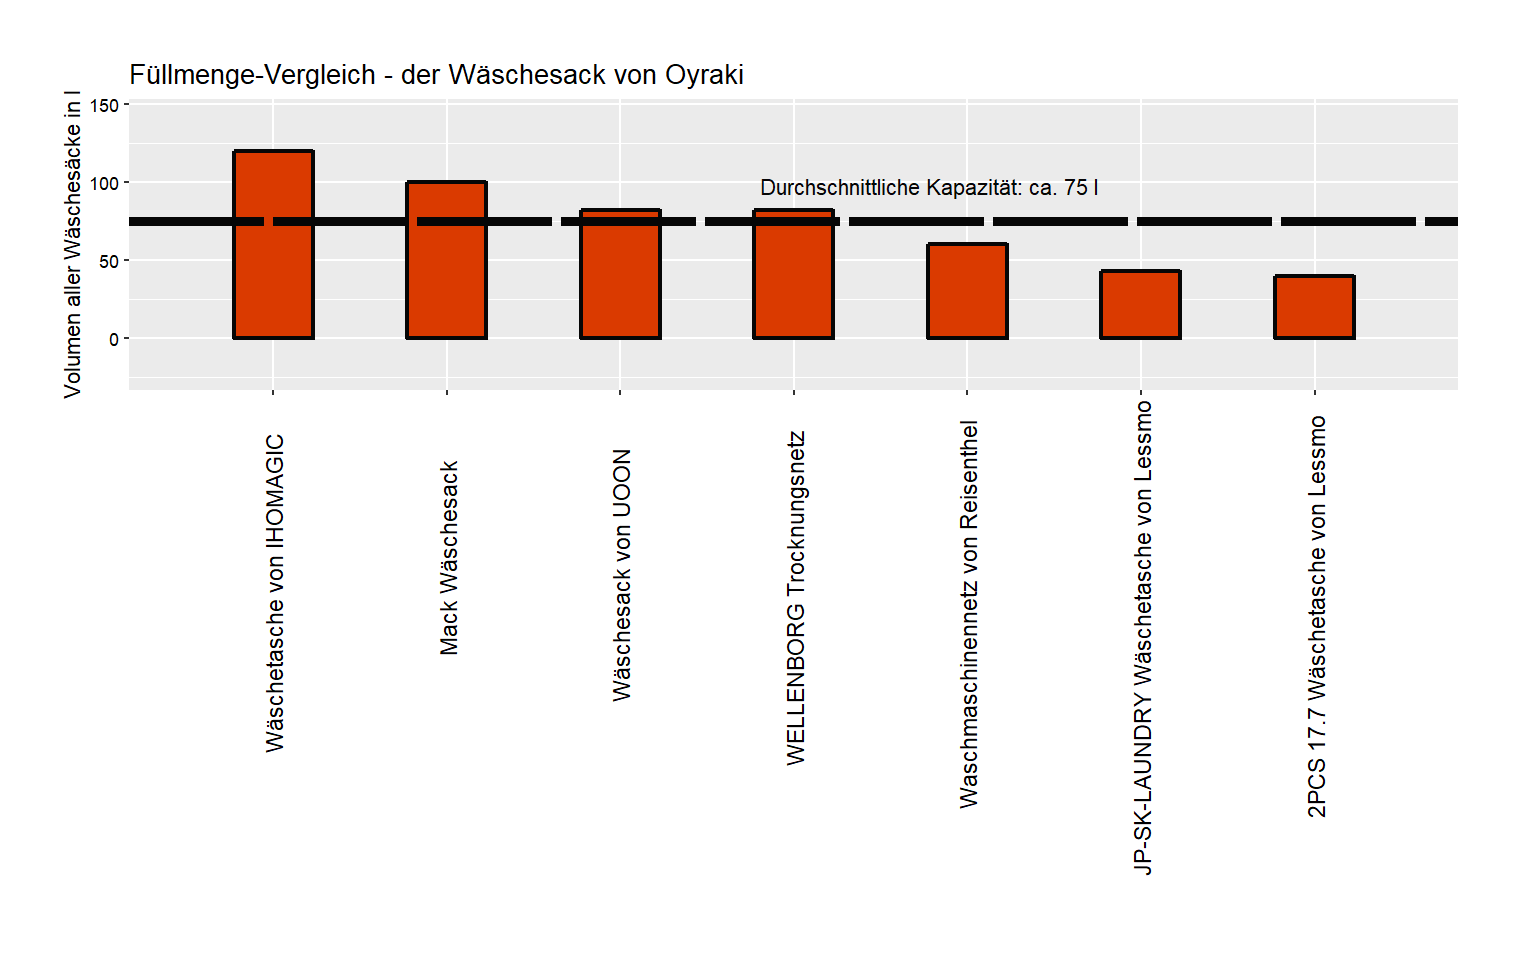 Volumen-Vergleich von dem Oyraki Wäschesack